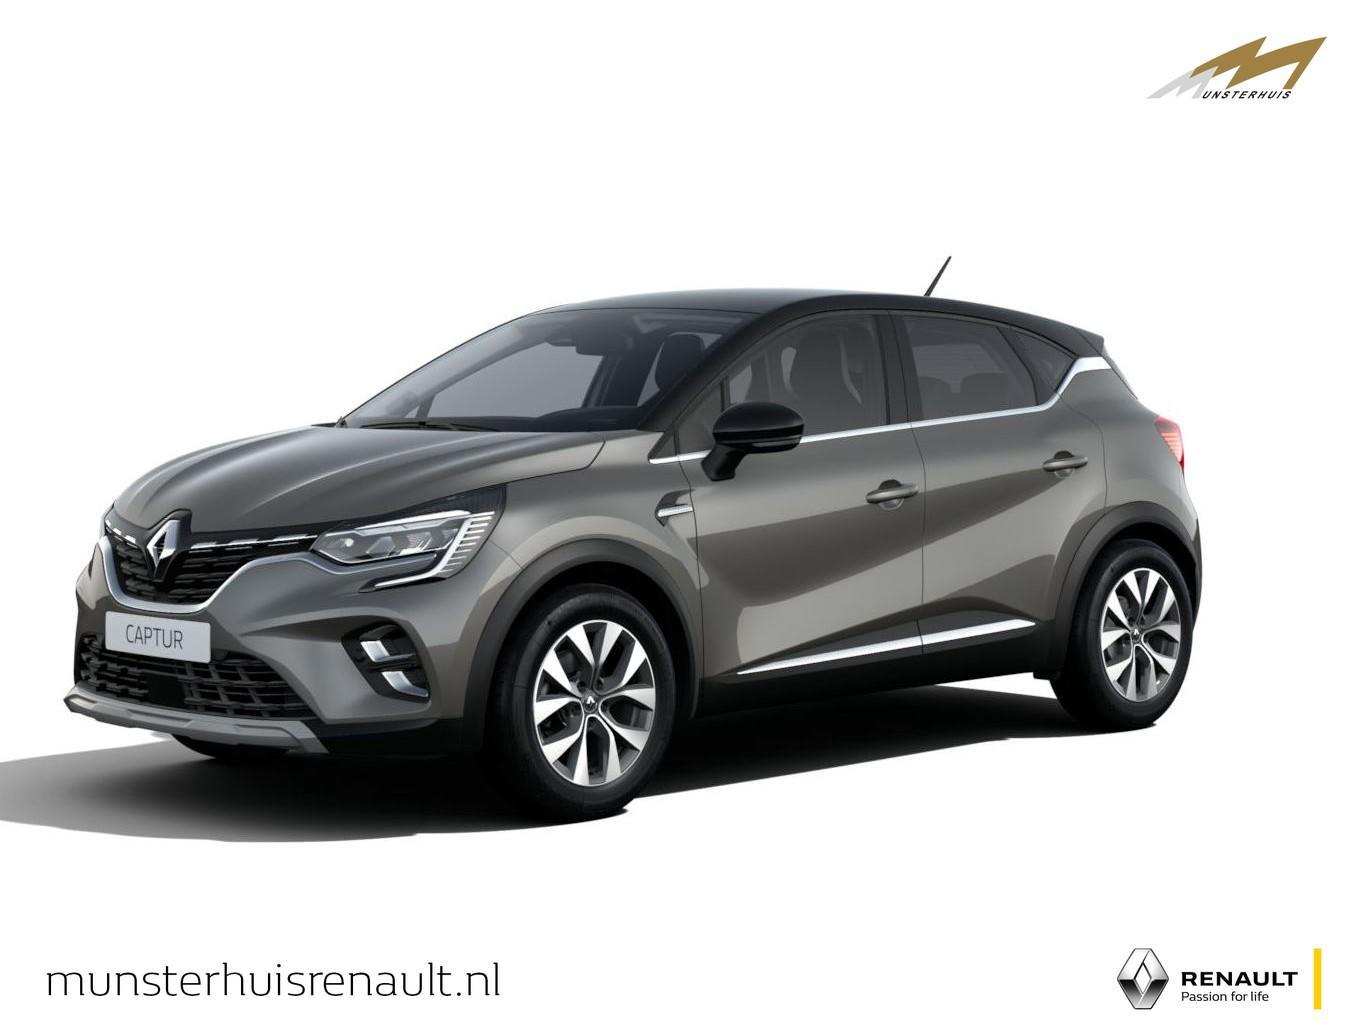 Renault Captur Tce 100 intens - nieuw - wordt verwacht